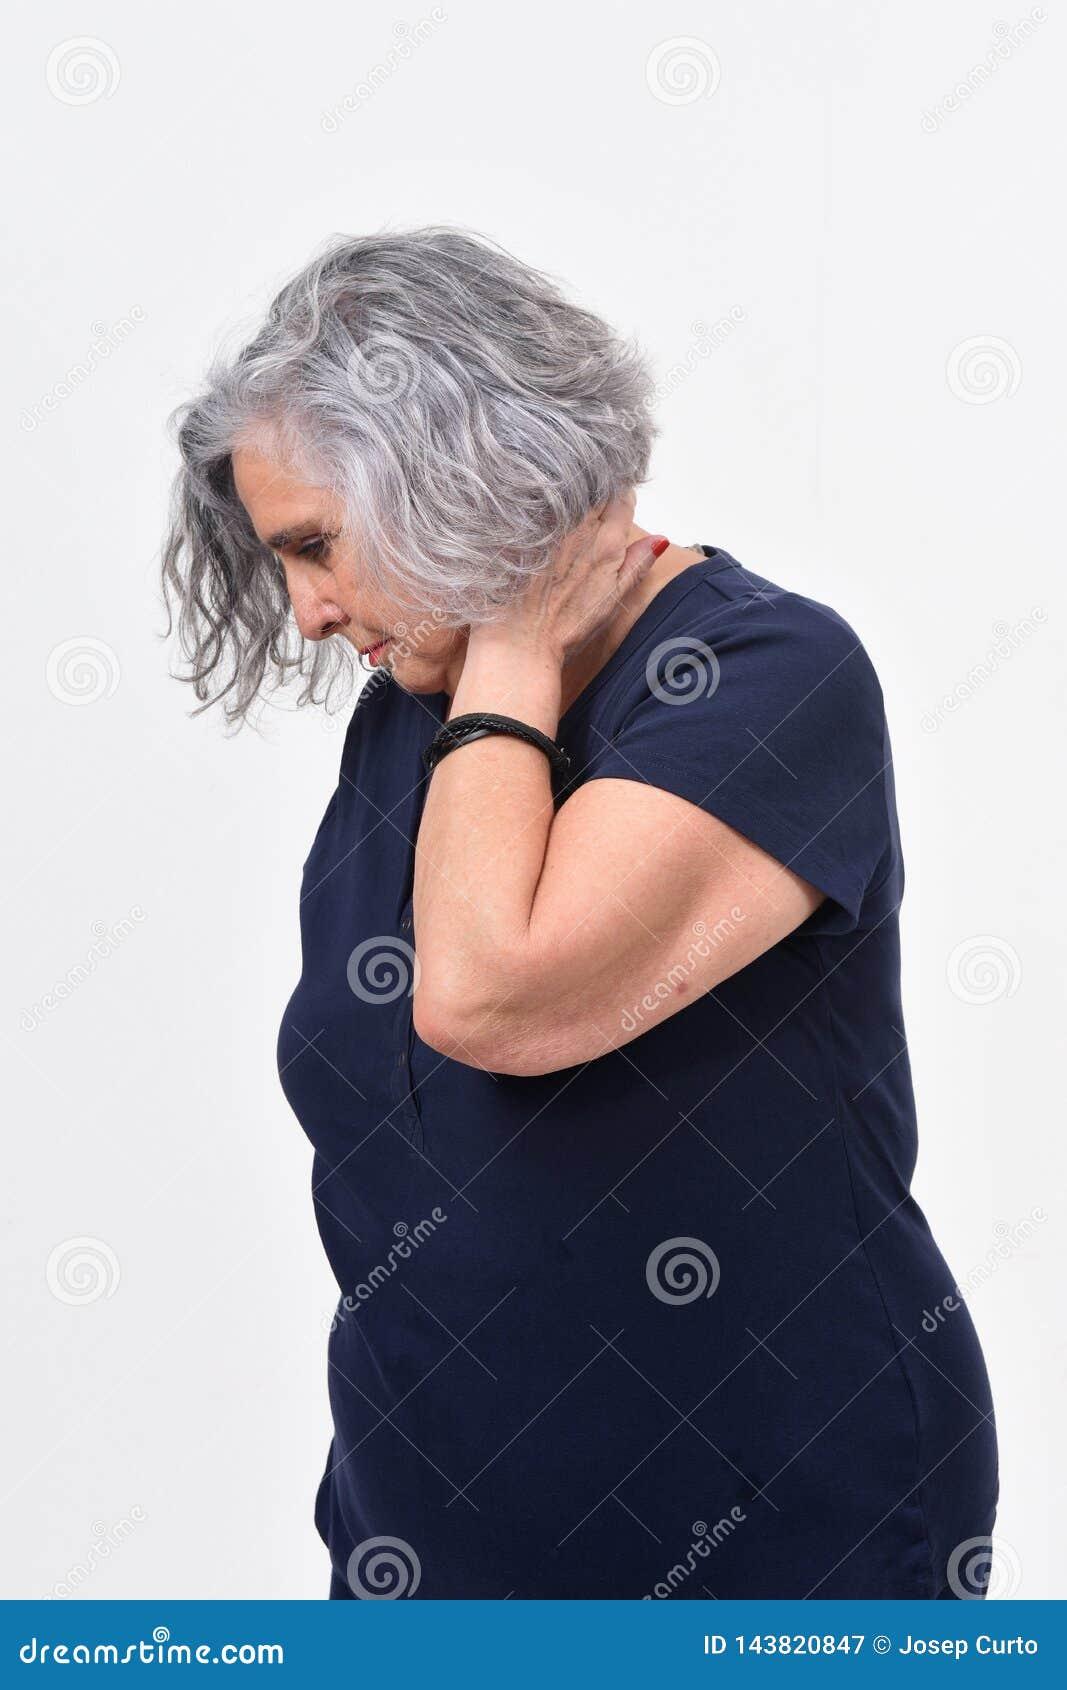 Halsschmerzen Rechte Seite